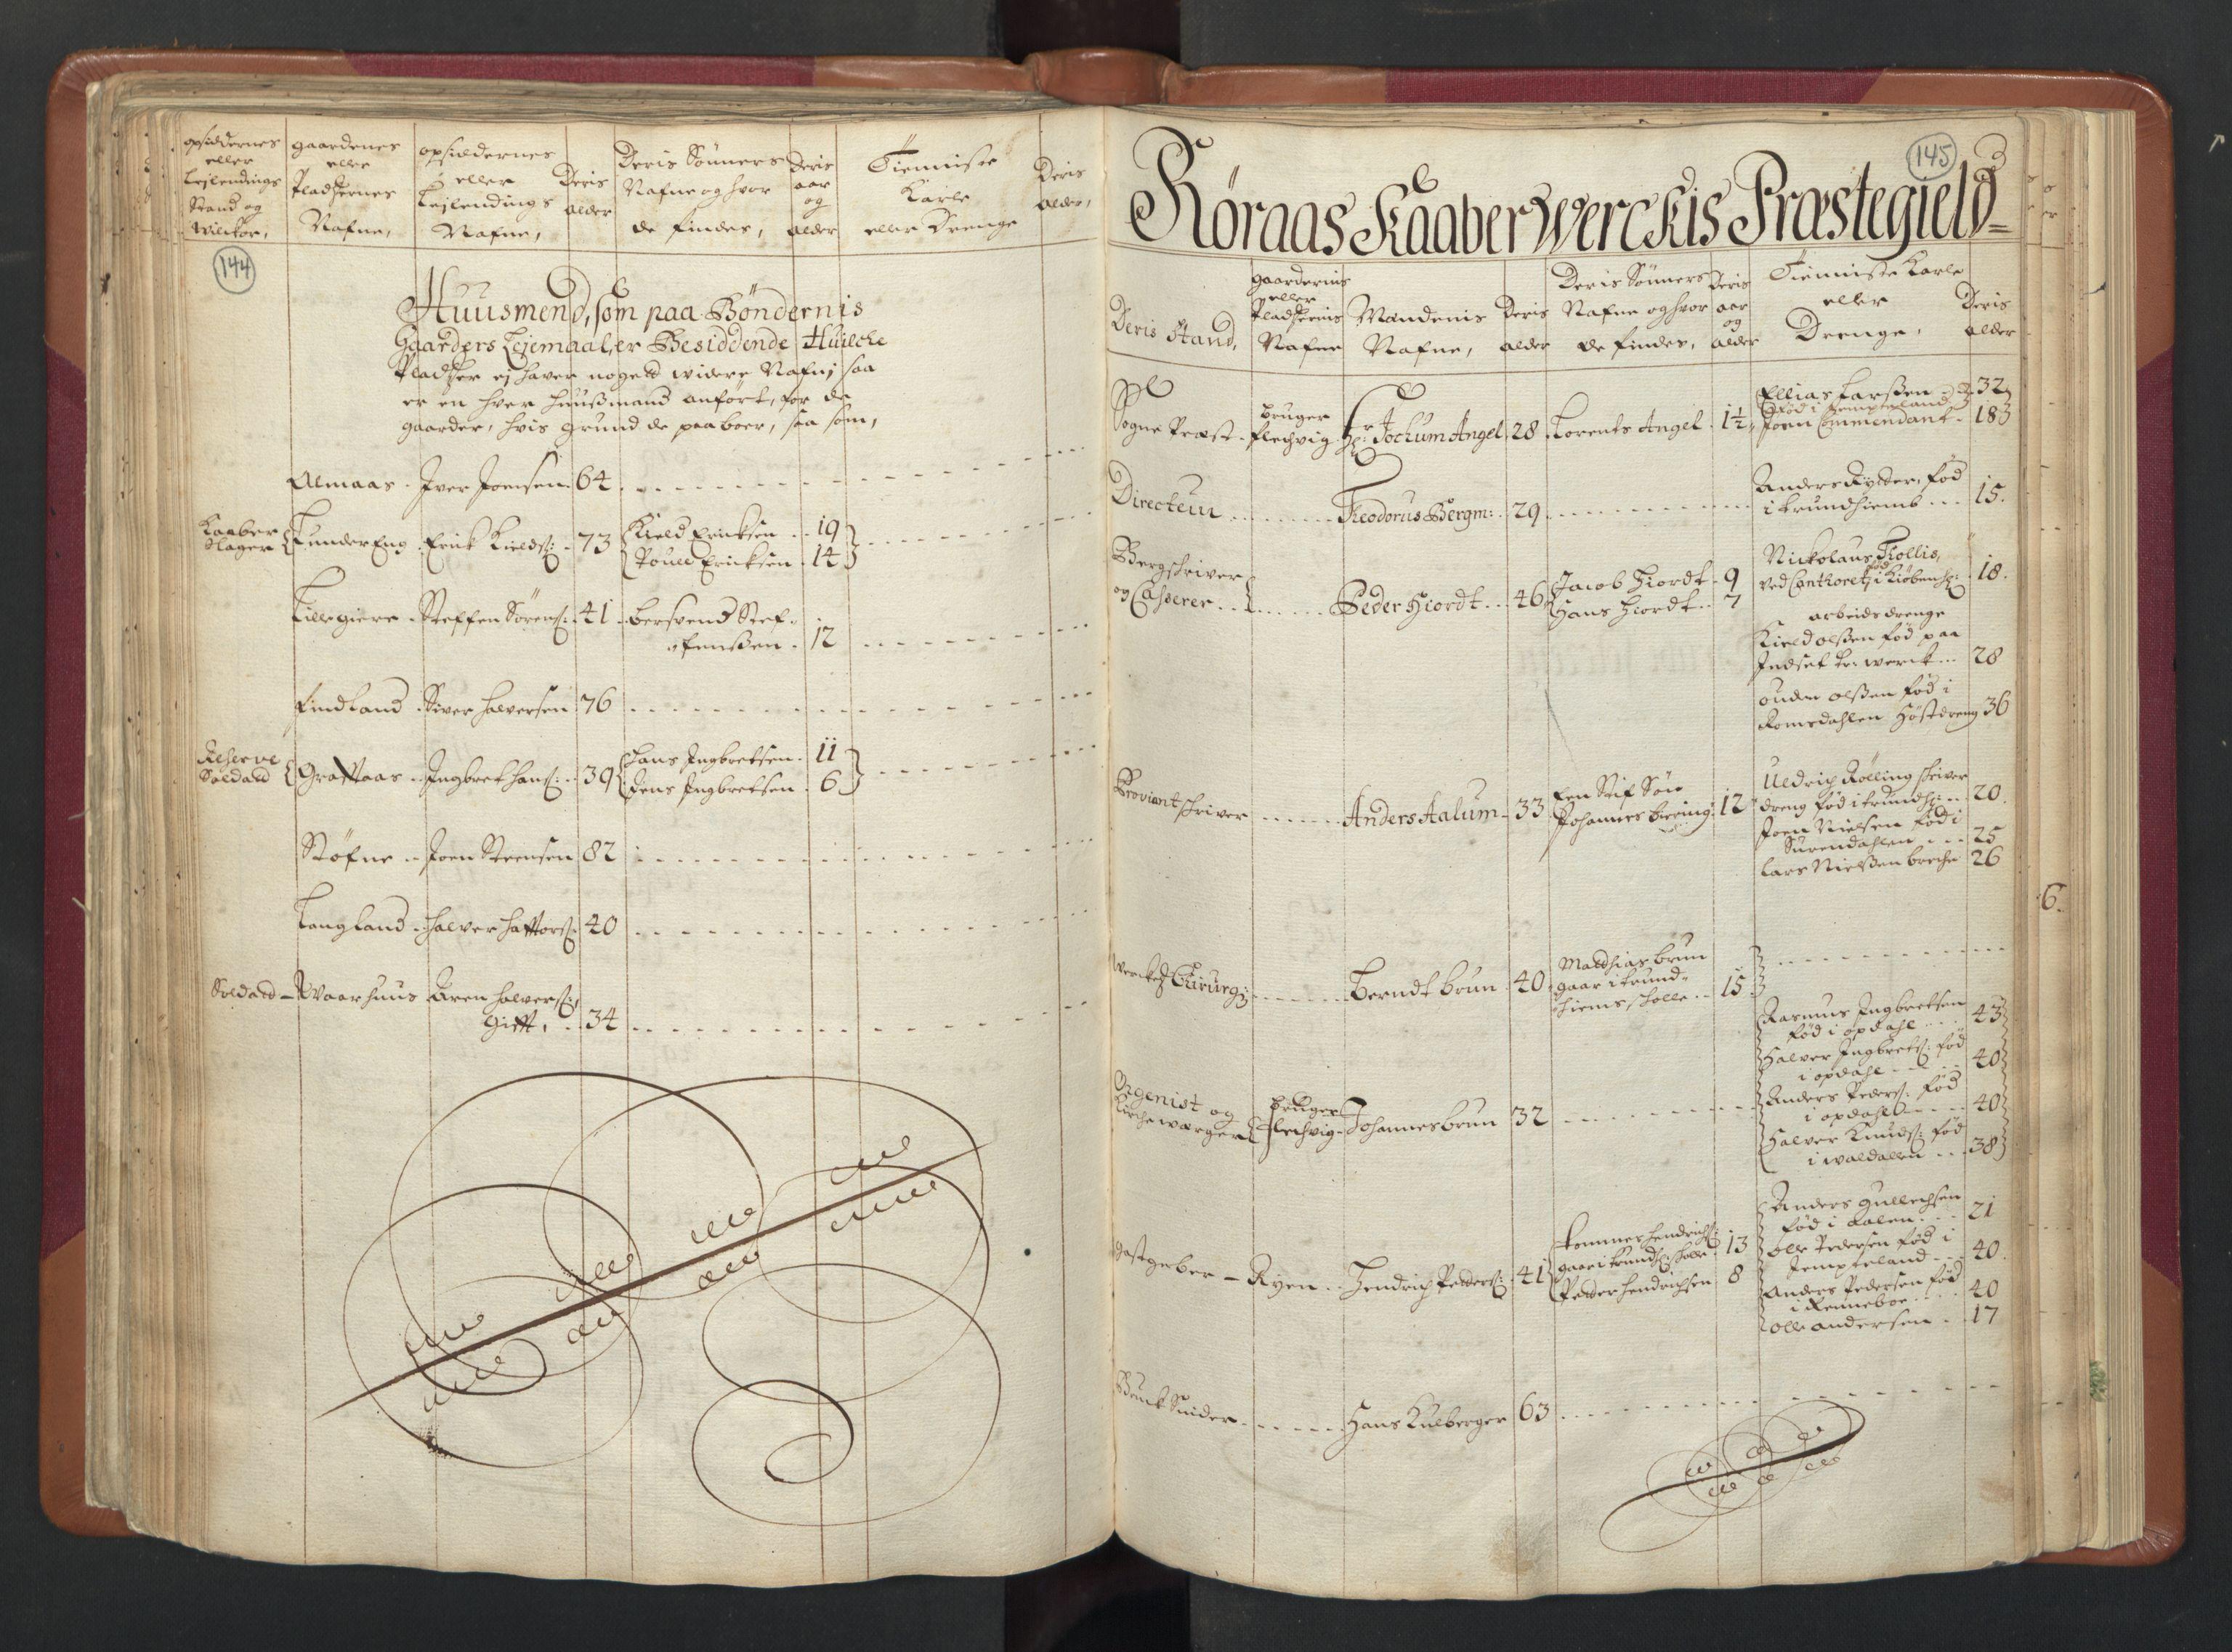 RA, Manntallet 1701, nr. 13: Orkdal fogderi og Gauldal fogderi med Røros kobberverk, 1701, s. 144-145